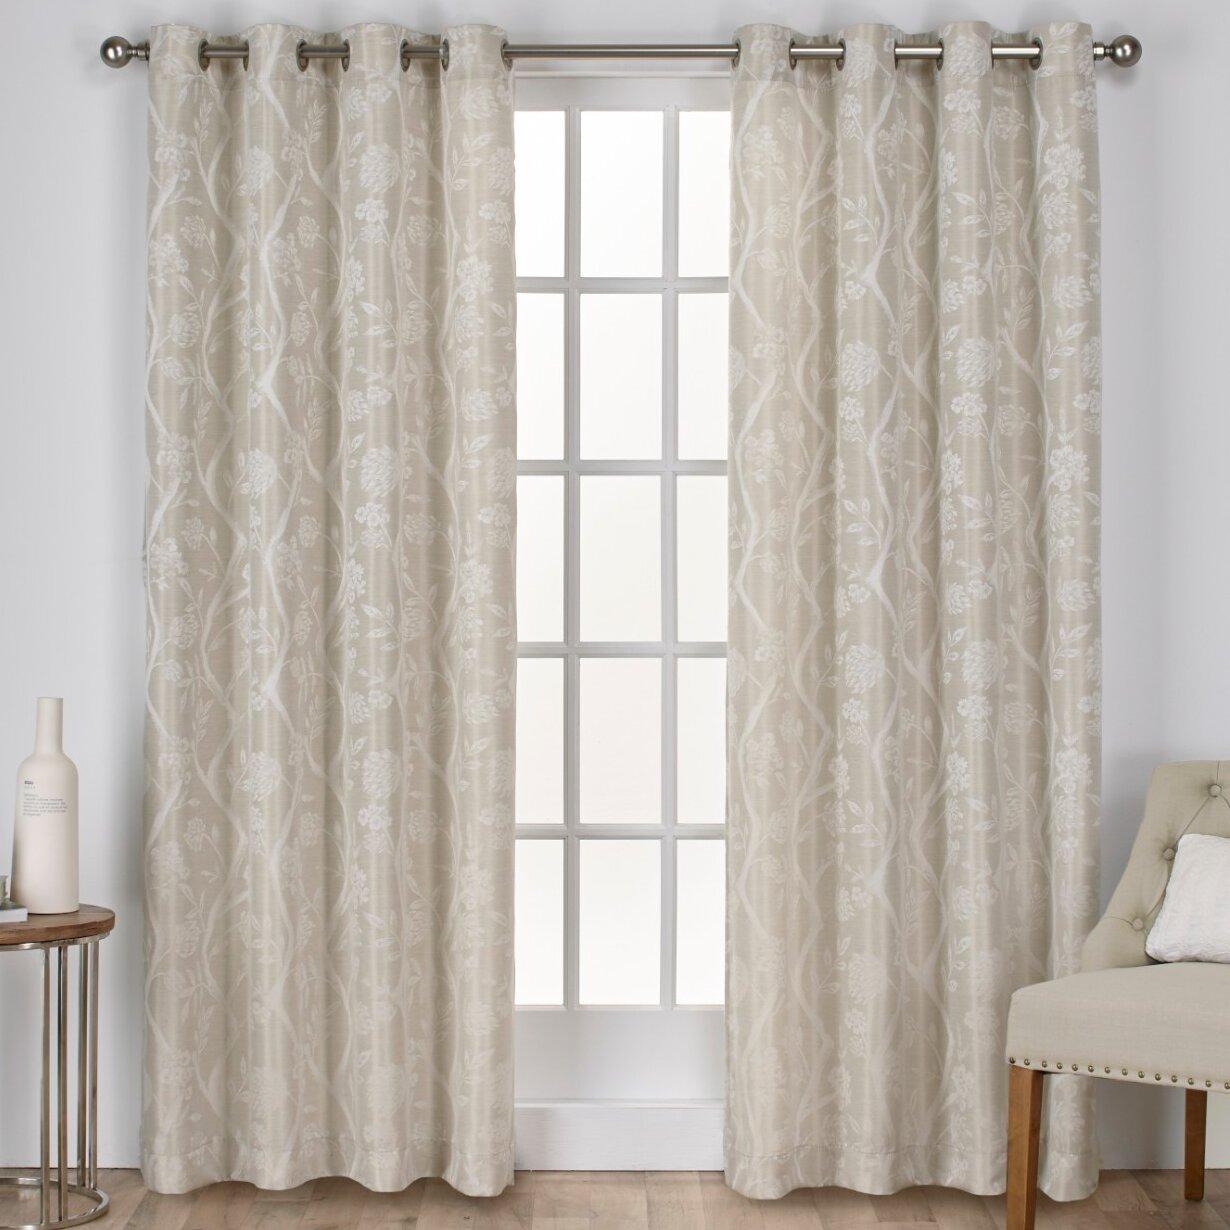 Lamont Nature Blackout Grommet Curtain Panels Reviews Joss Main